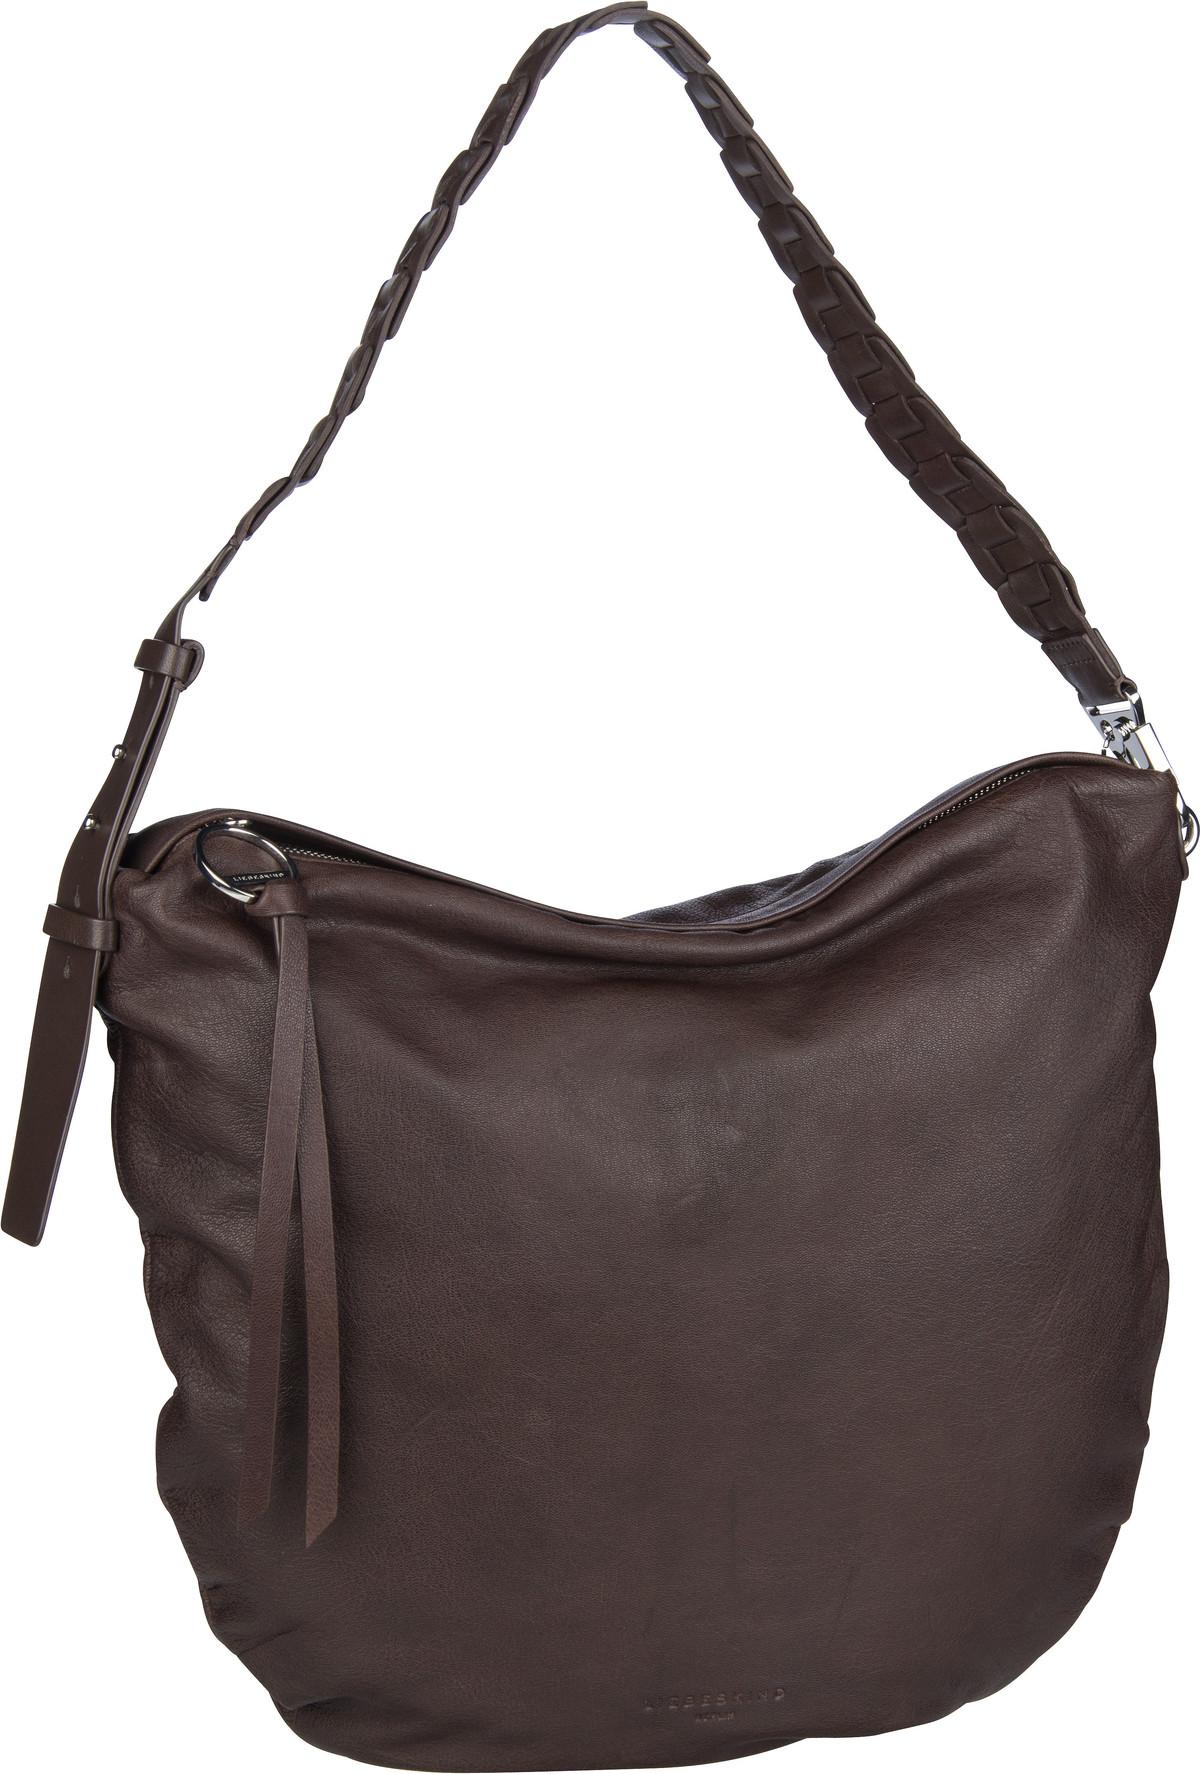 Berlin Handtasche Dive Bag 2 Hobo M Dark Brown